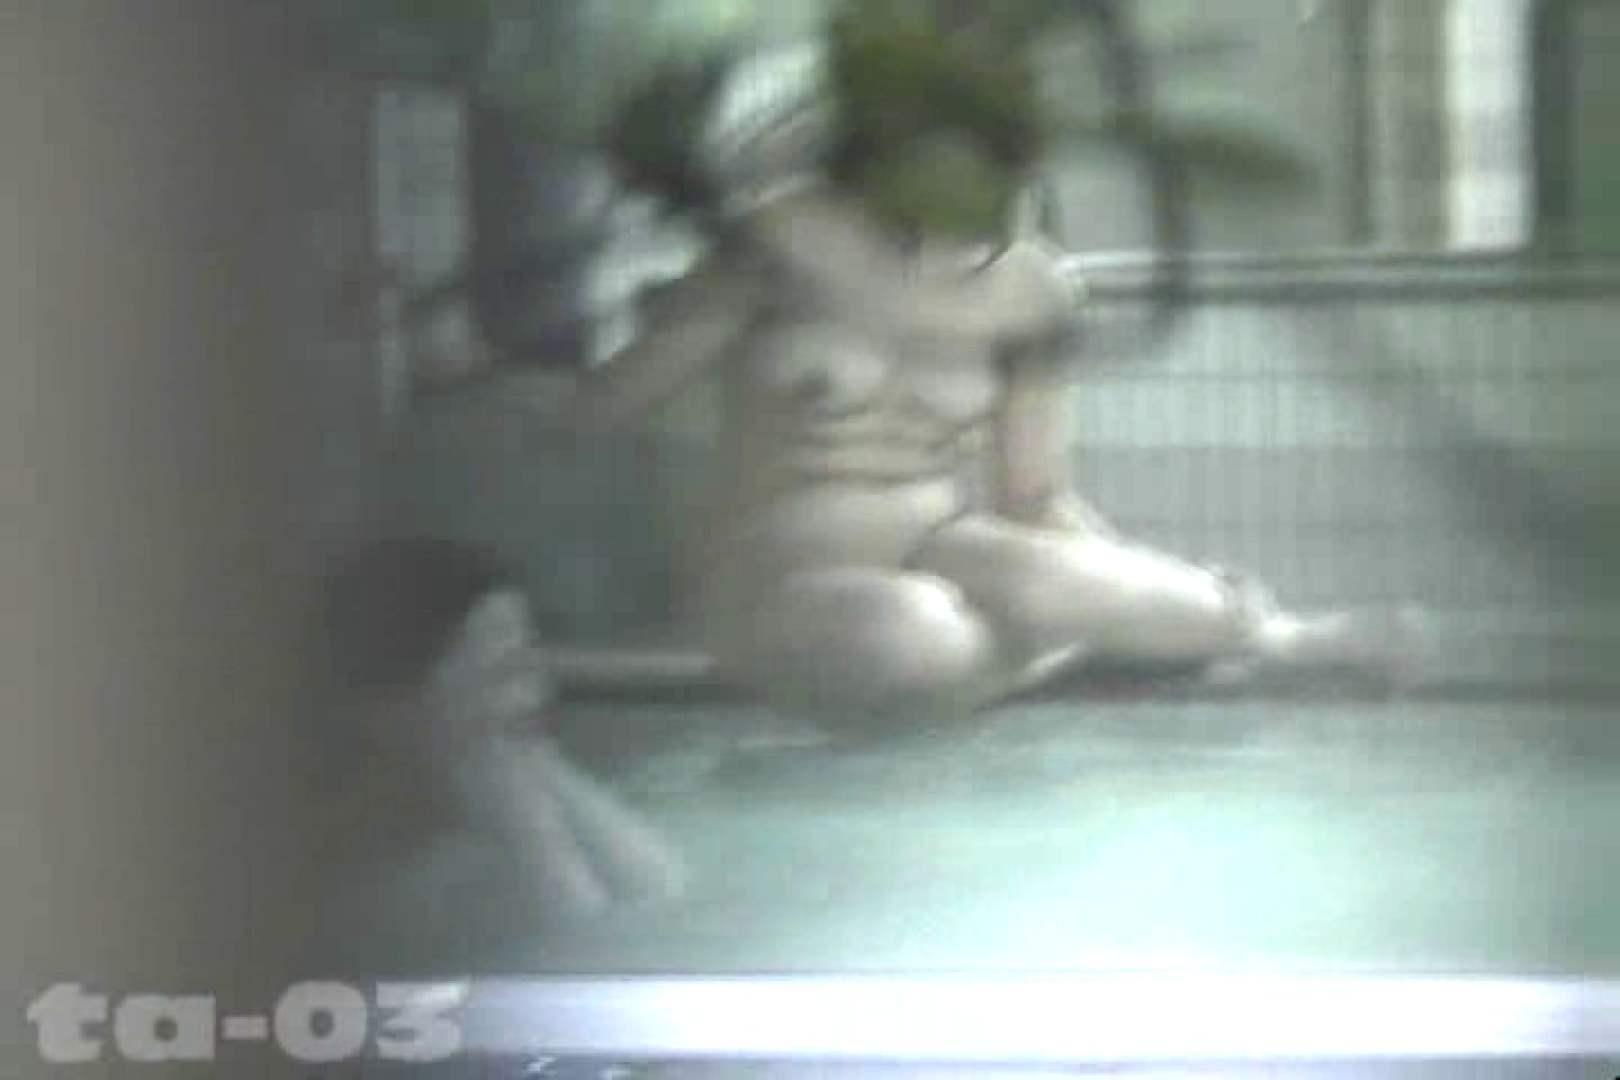 合宿ホテル女風呂盗撮高画質版 Vol.03 ホテルでエッチ 覗きスケベ動画紹介 49pic 22